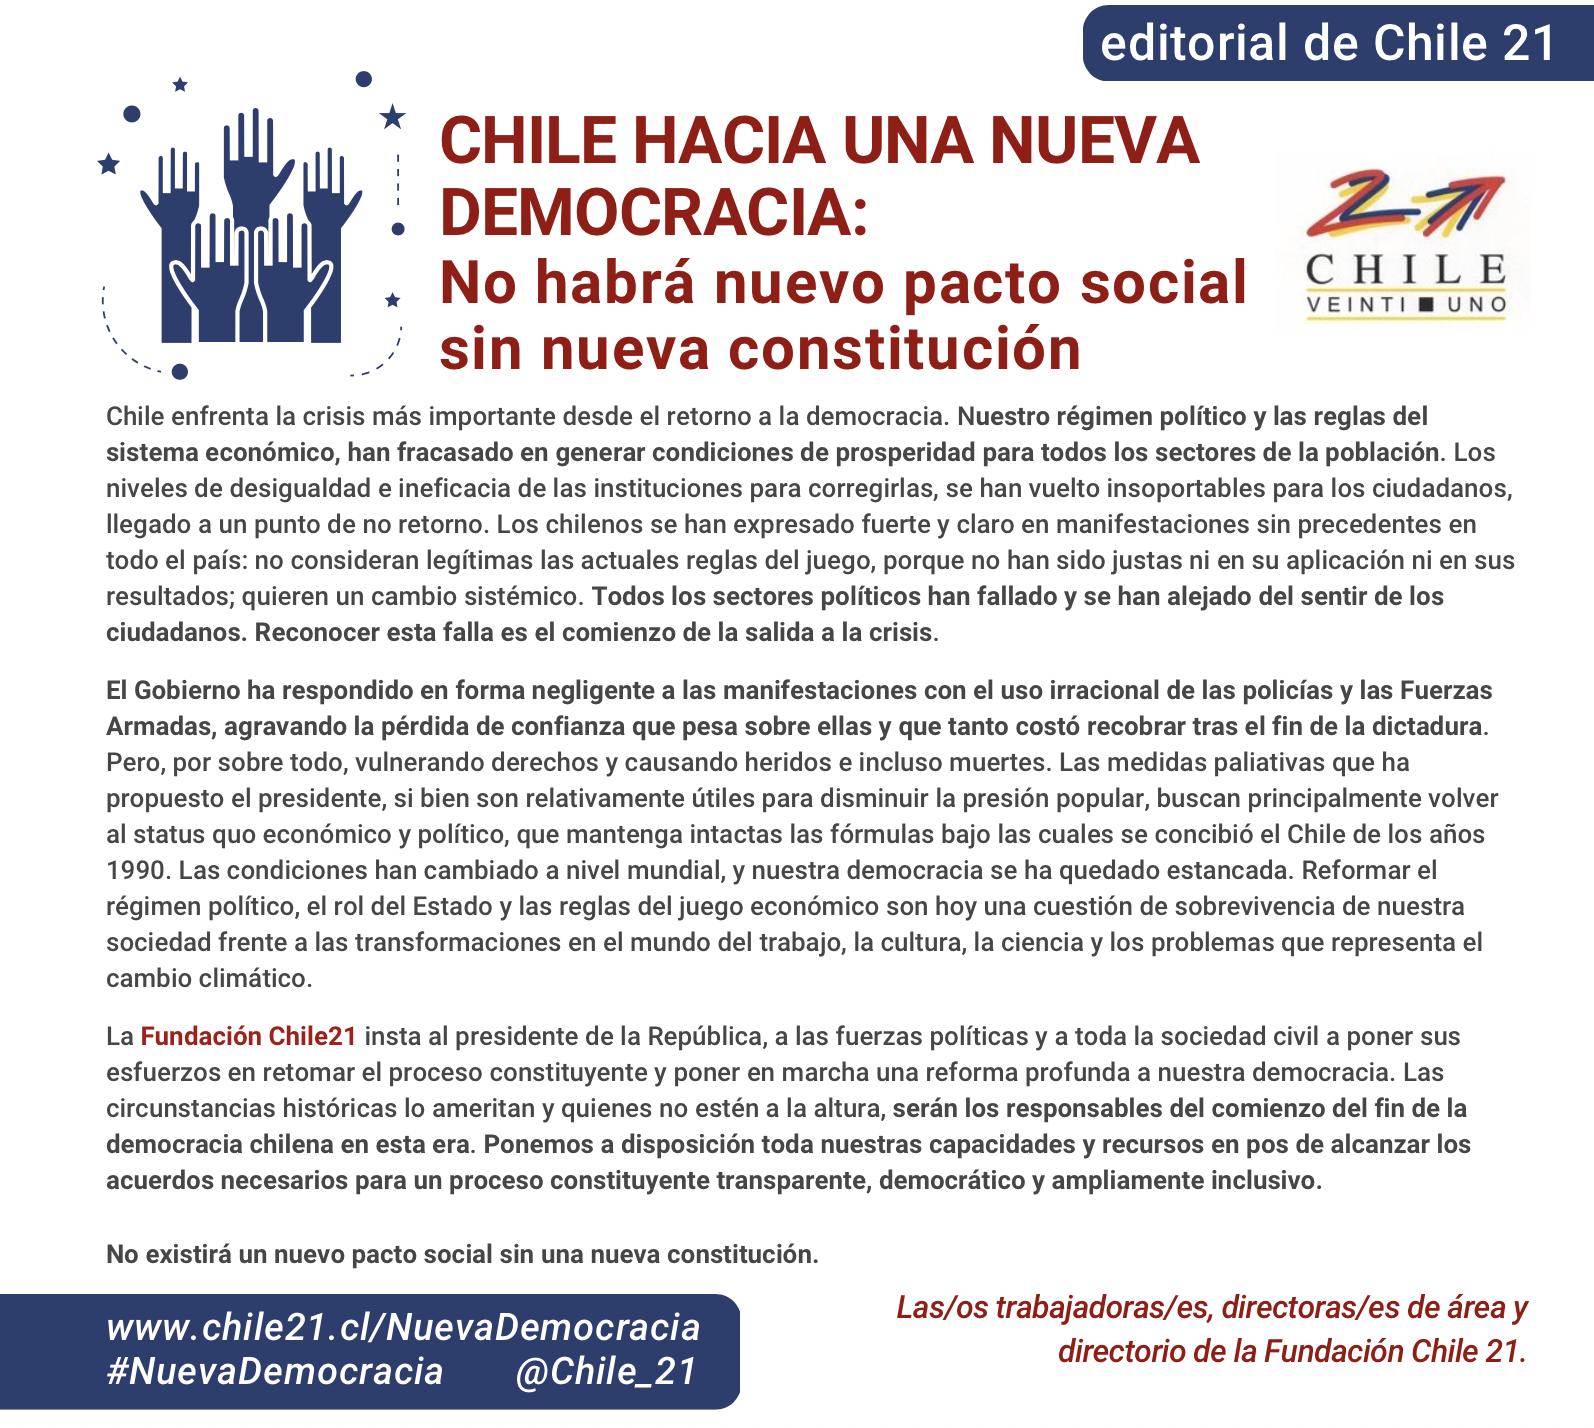 Chile hacia una nueva democracia: No habrá nuevo pacto social sin nueva constitución